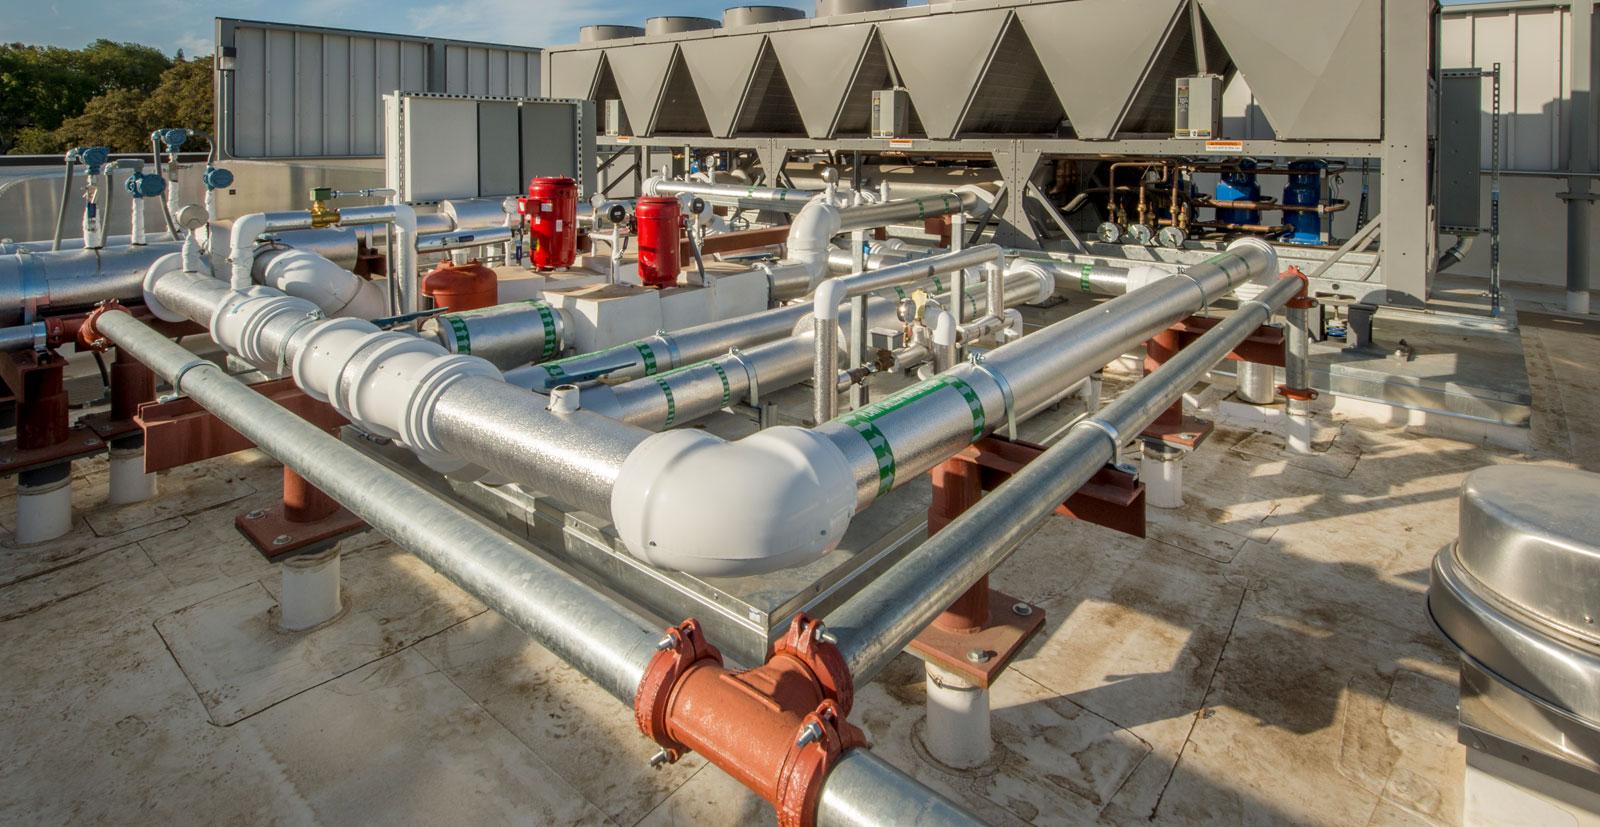 RefPower - Manutenzione e diagnostica Compressori grandi impianti